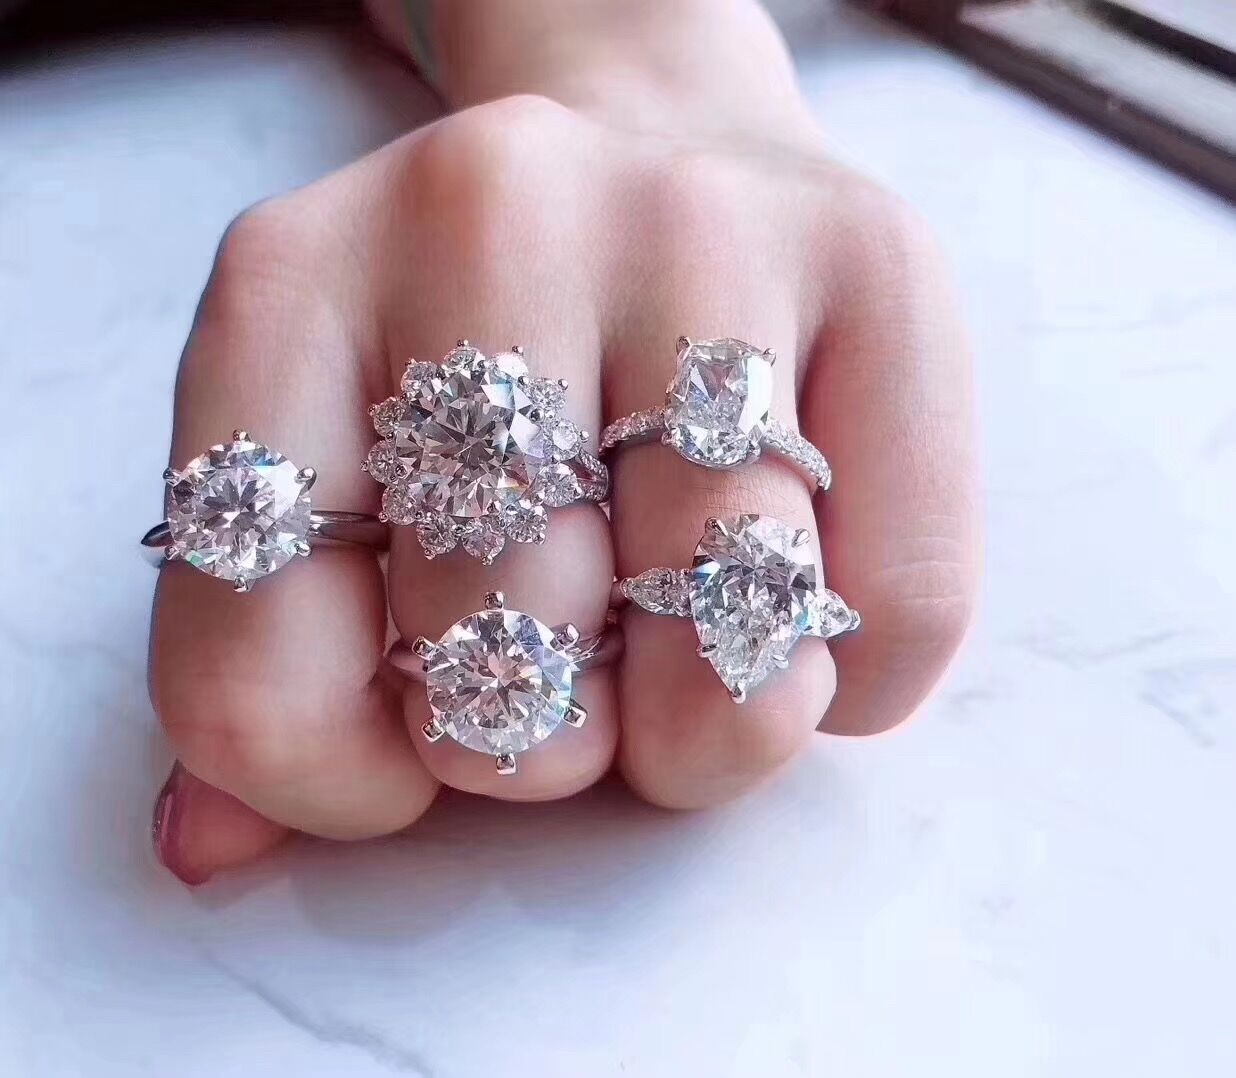 慕菲 D色莫桑18K金高端定制 男女对戒指 手链 吊坠 耳钉 定制婚戒